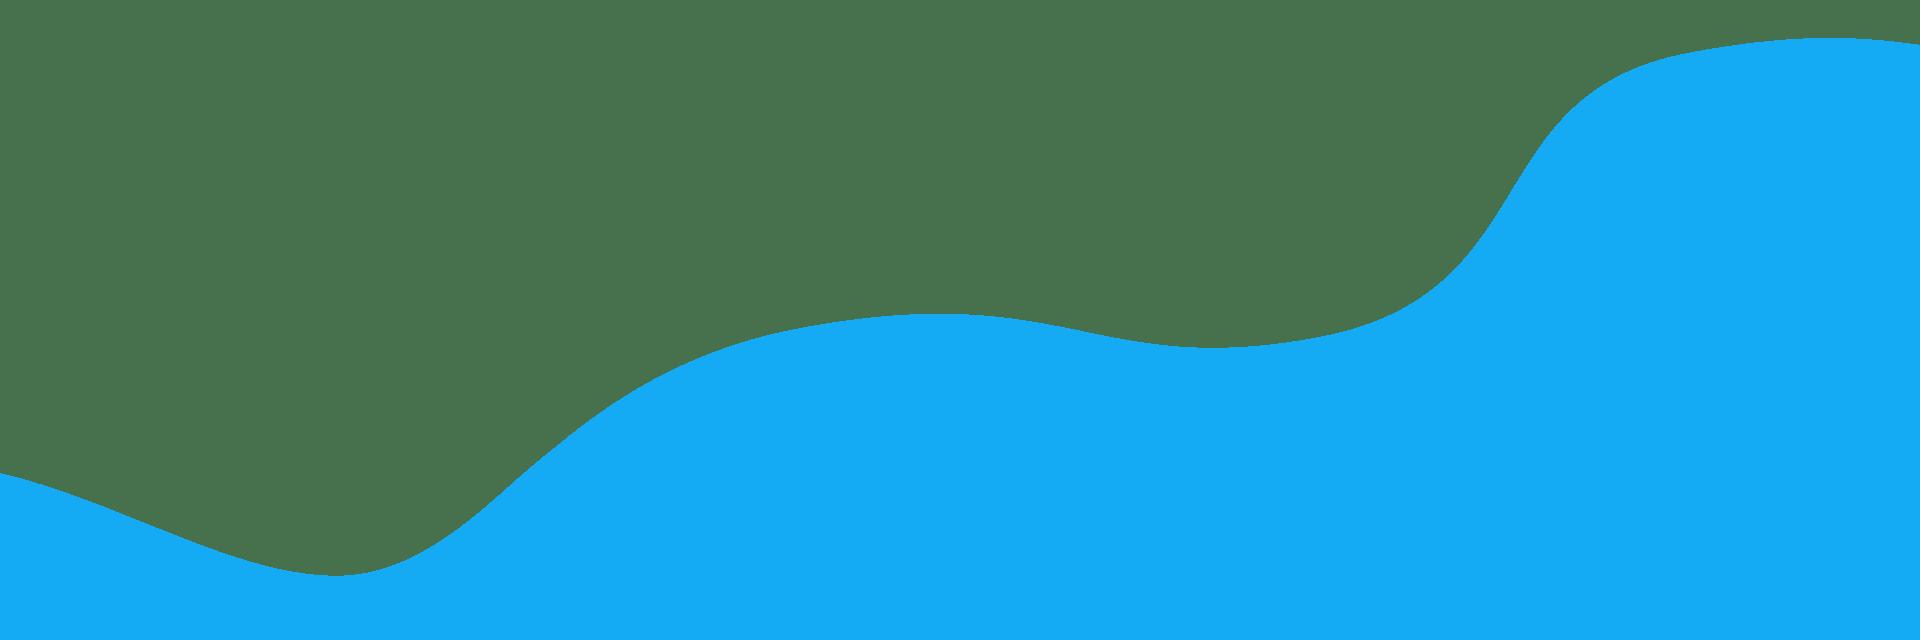 Blue waves for ssm slider